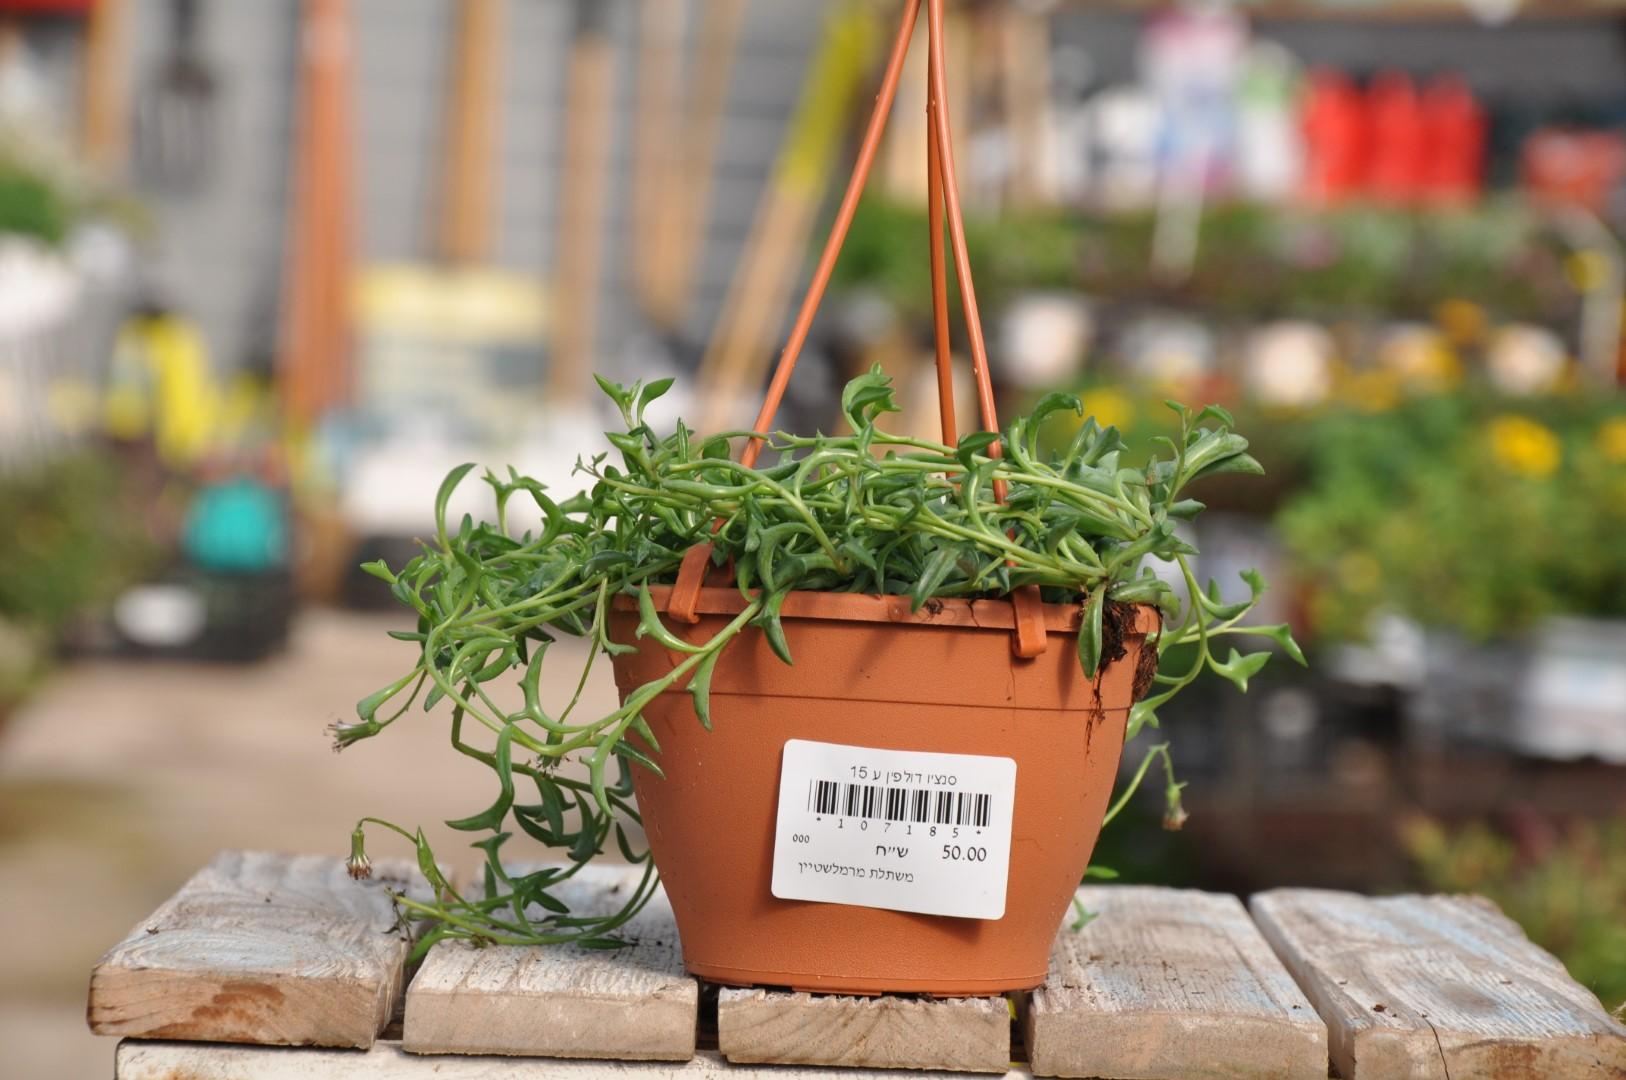 סנציו דולפין. צמחים מיוחדים לבית. צמחים נשפכים. משתלה באשדוד